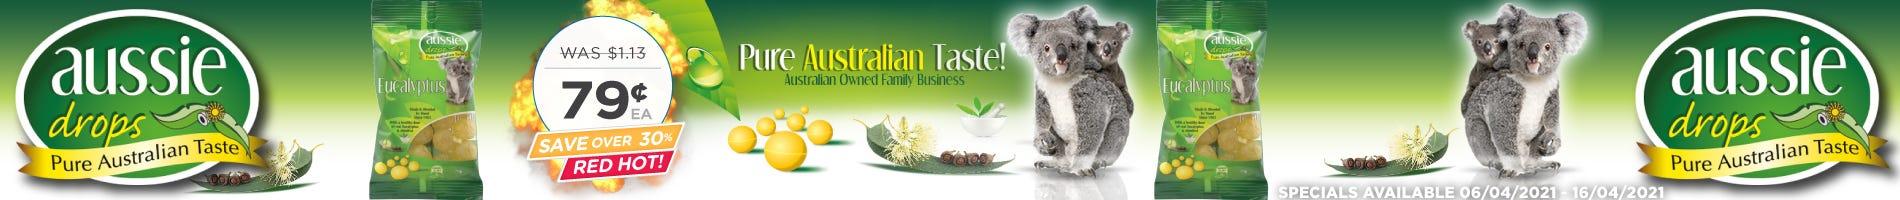 Click to Shop Aussie Drops